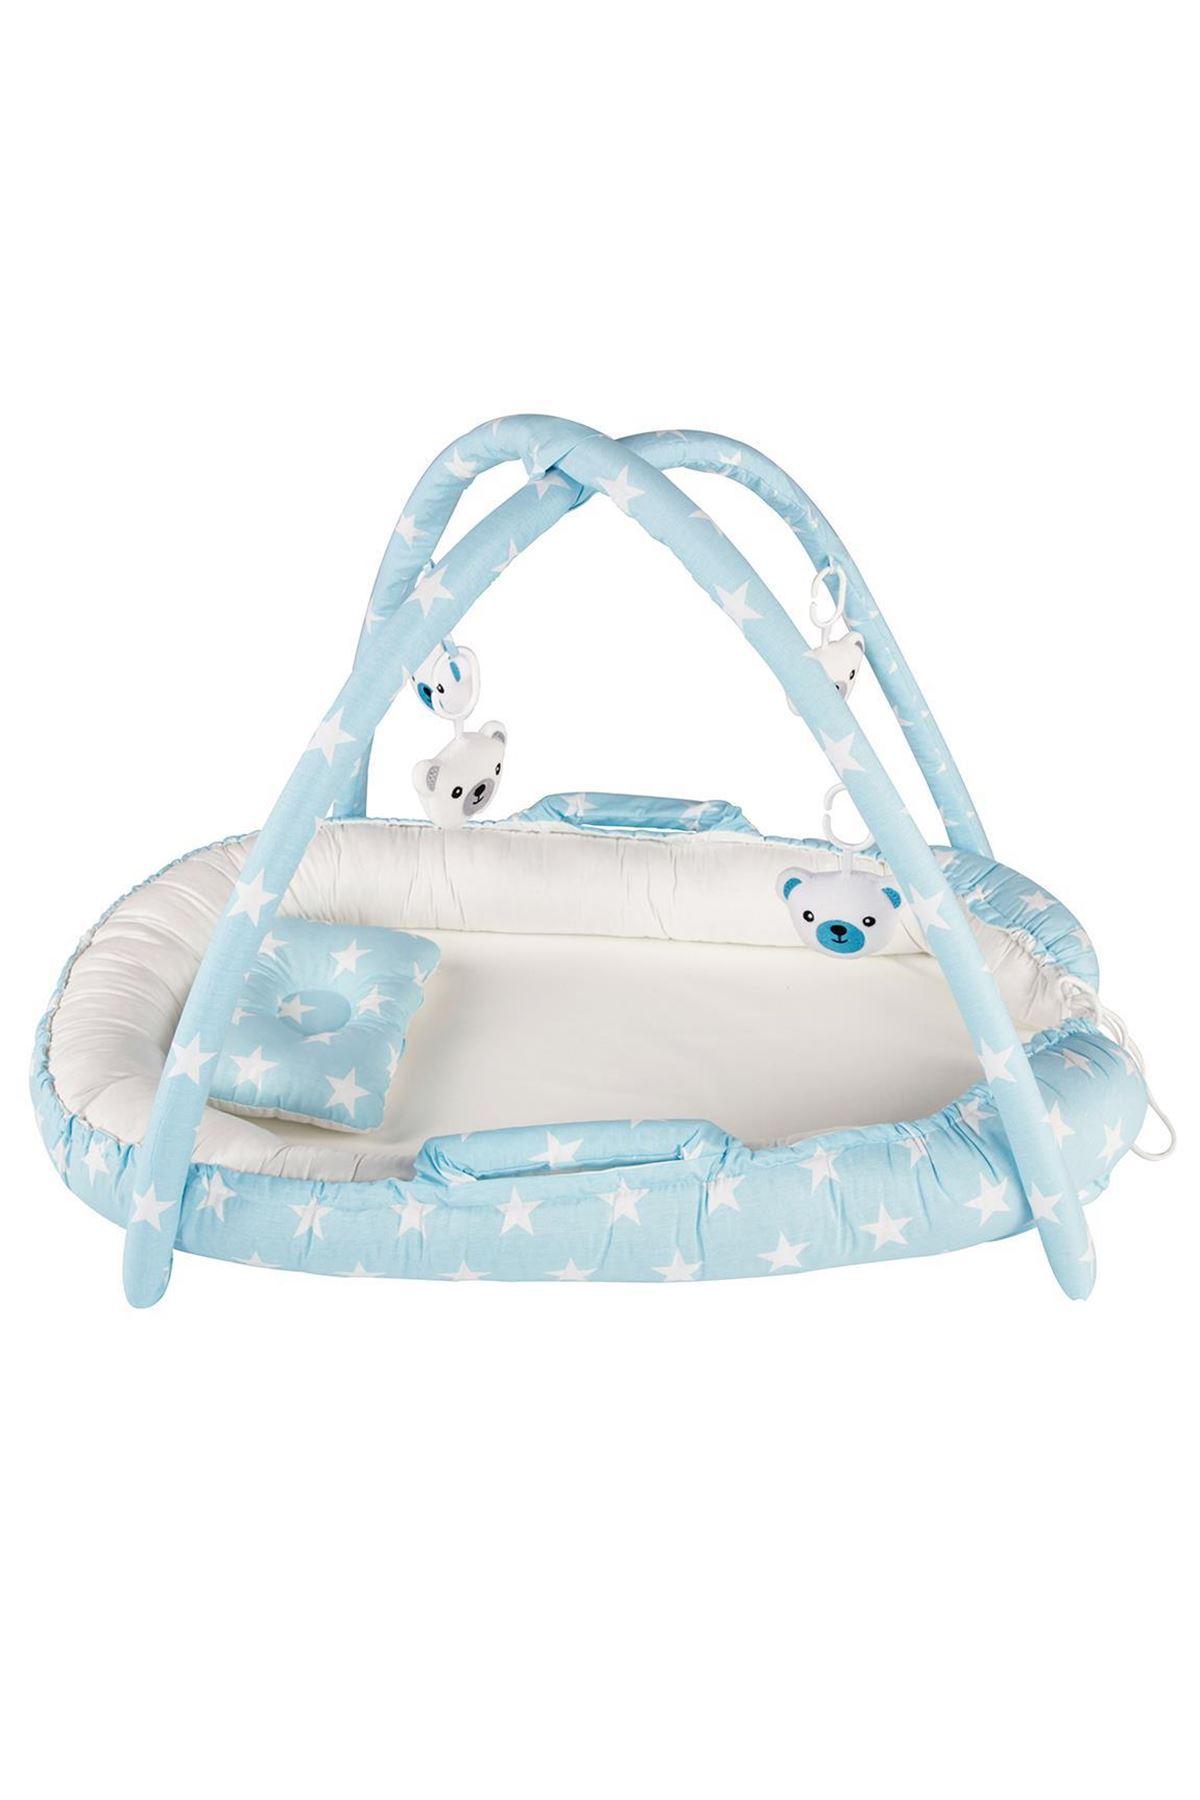 Moje Eğlenceli Uyku Yatağı Mavi Yıldız